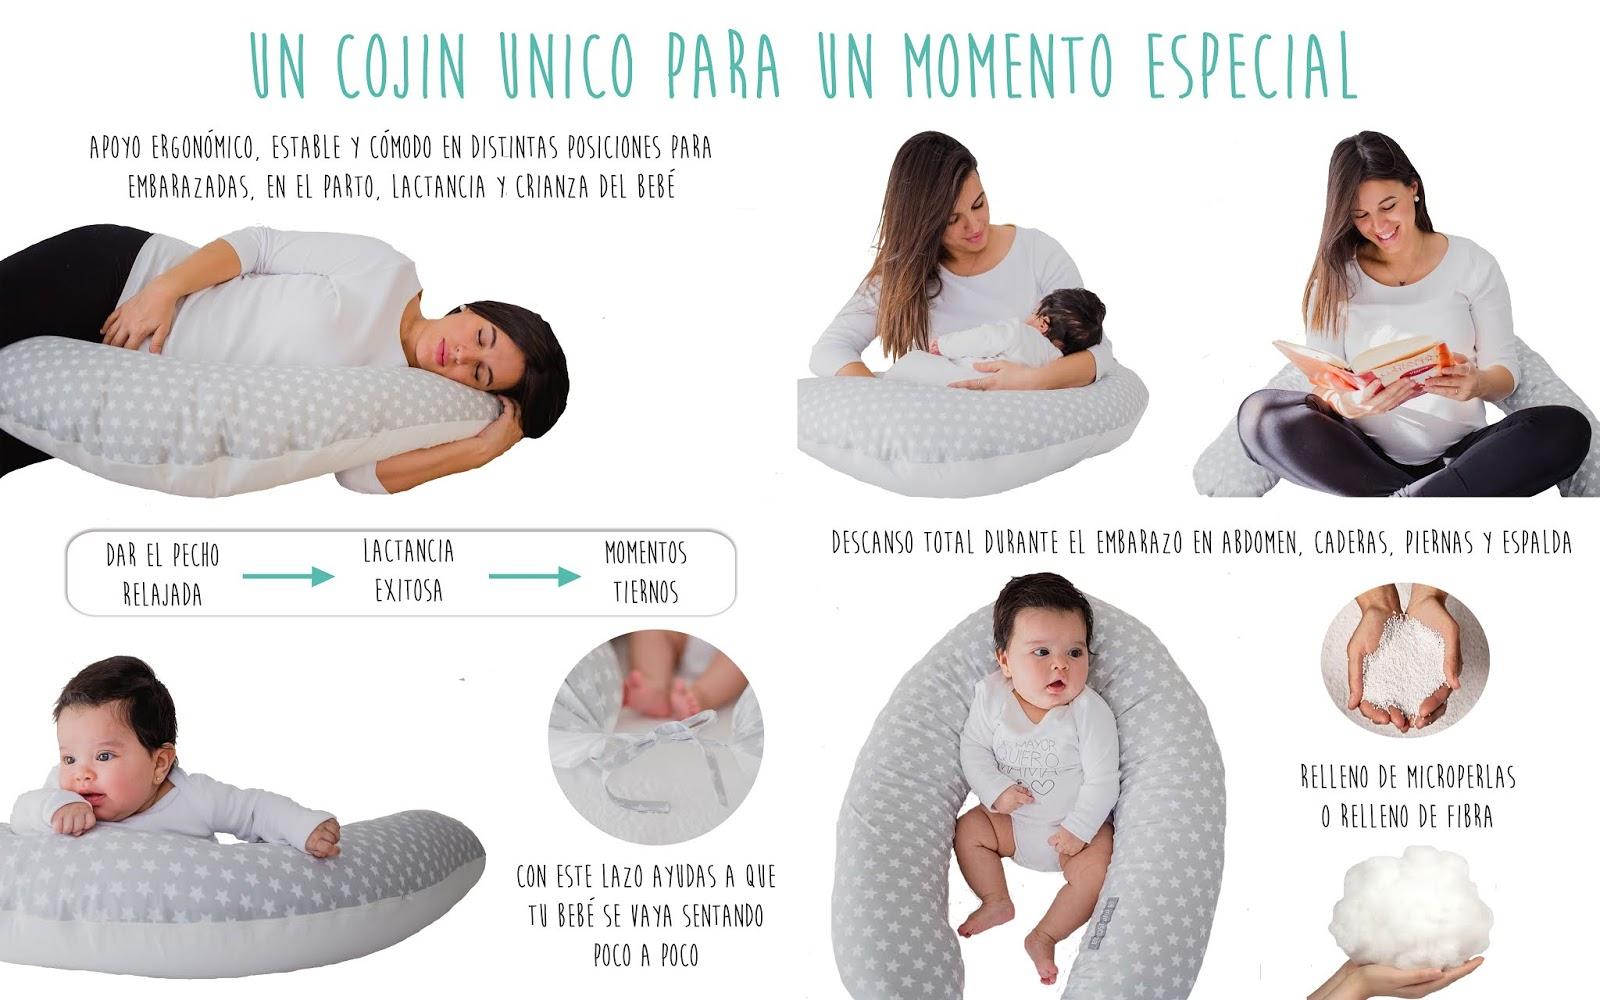 cual es la mejor postura para dormir en el embarazo